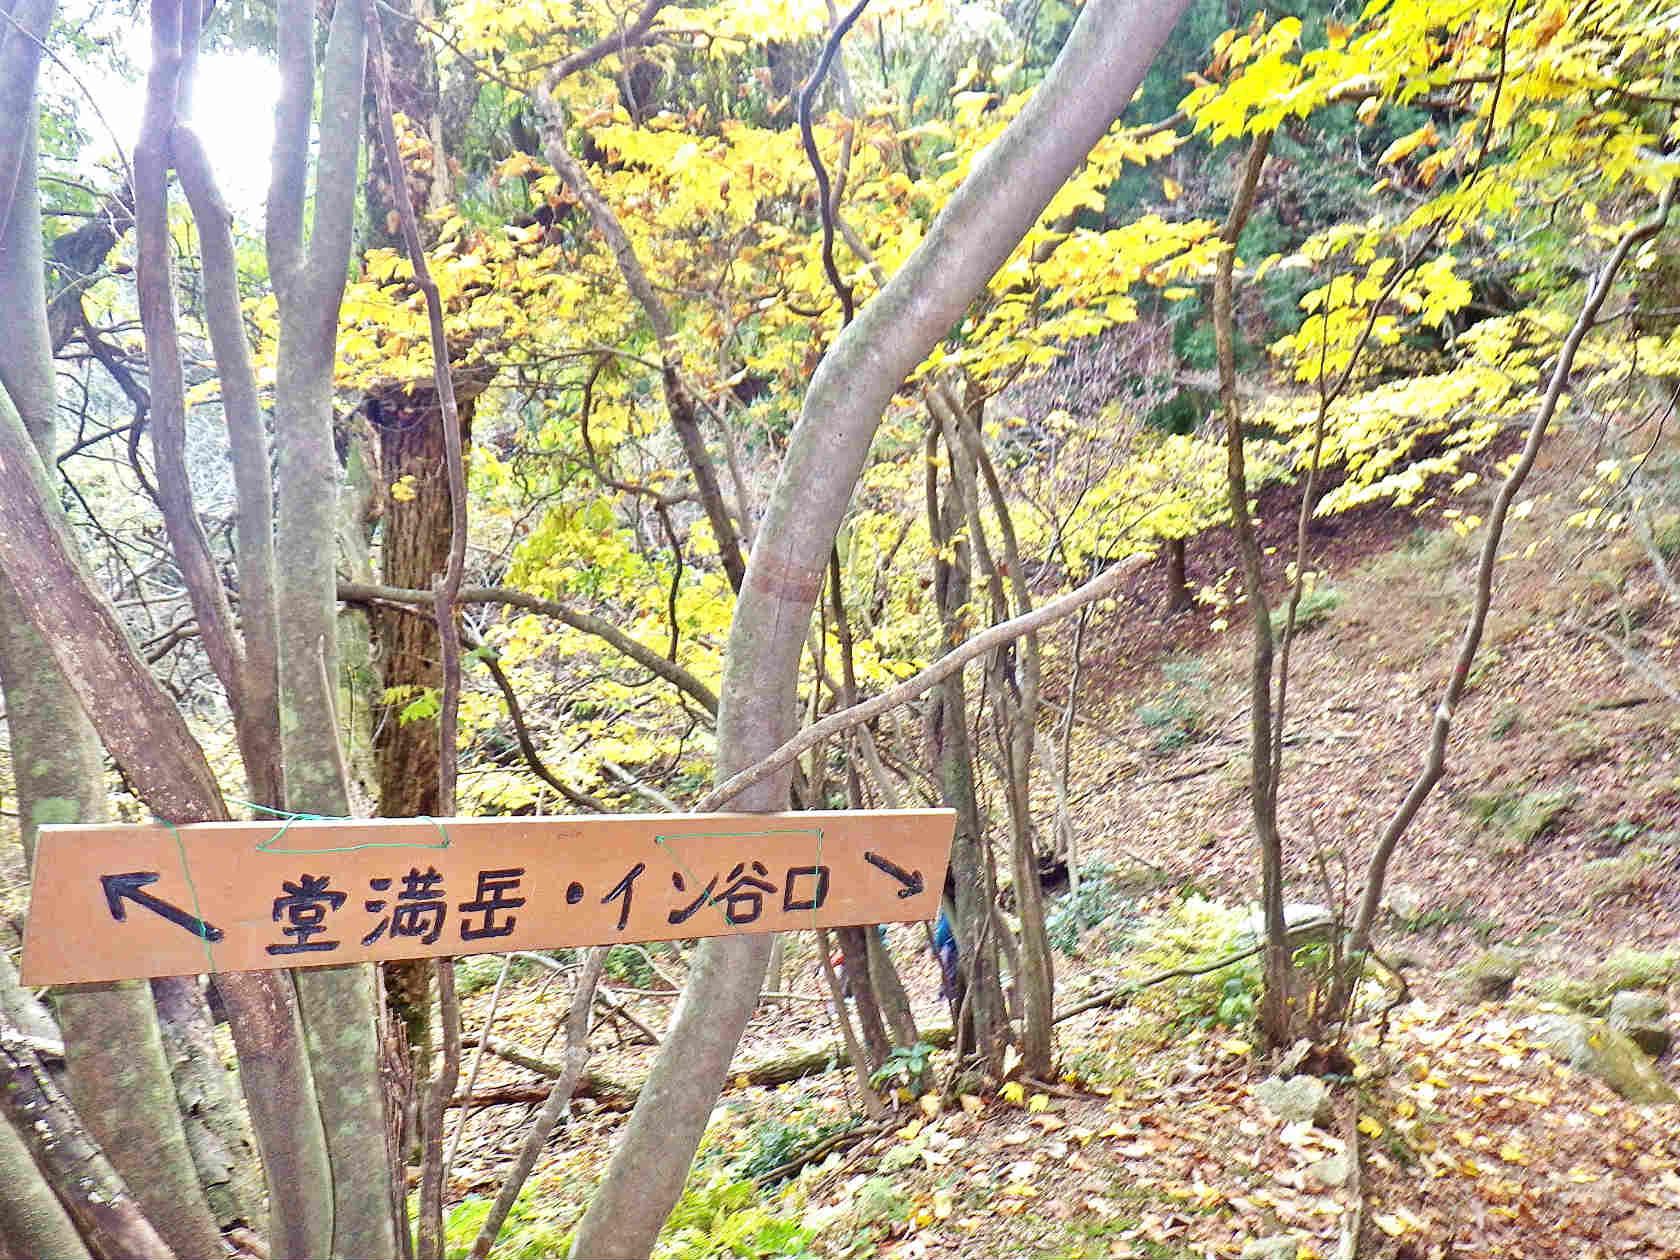 19b イン谷口への案内標識